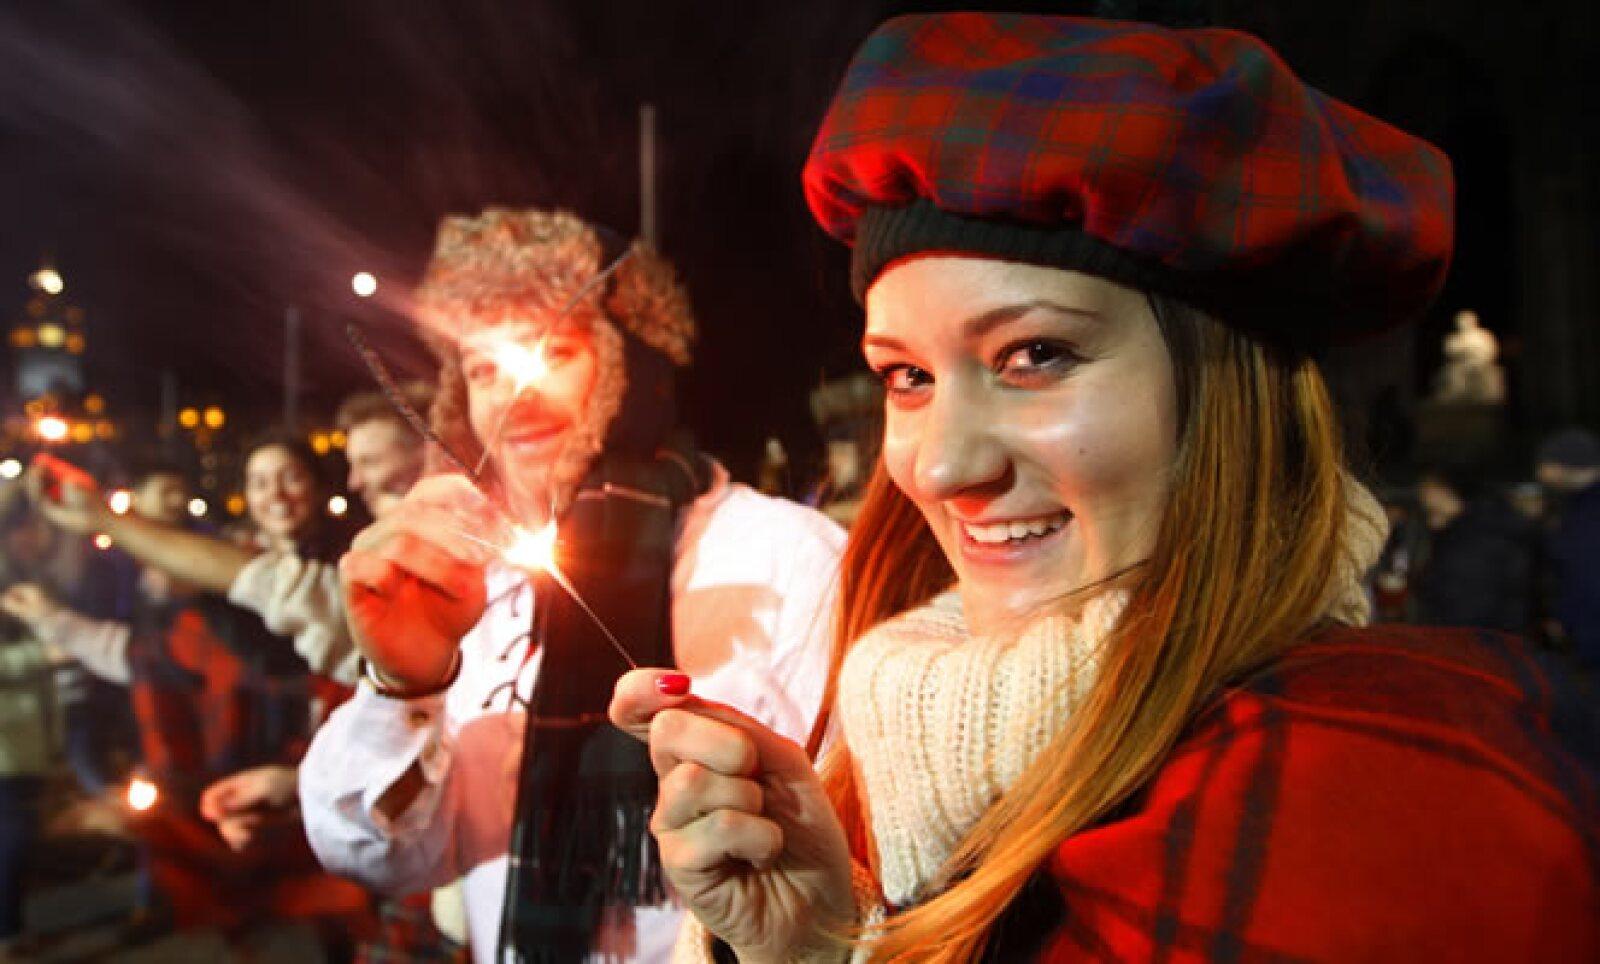 Una visitante de Austria sostiene una bengala durante la celebración en Edimburgo, Escocia.